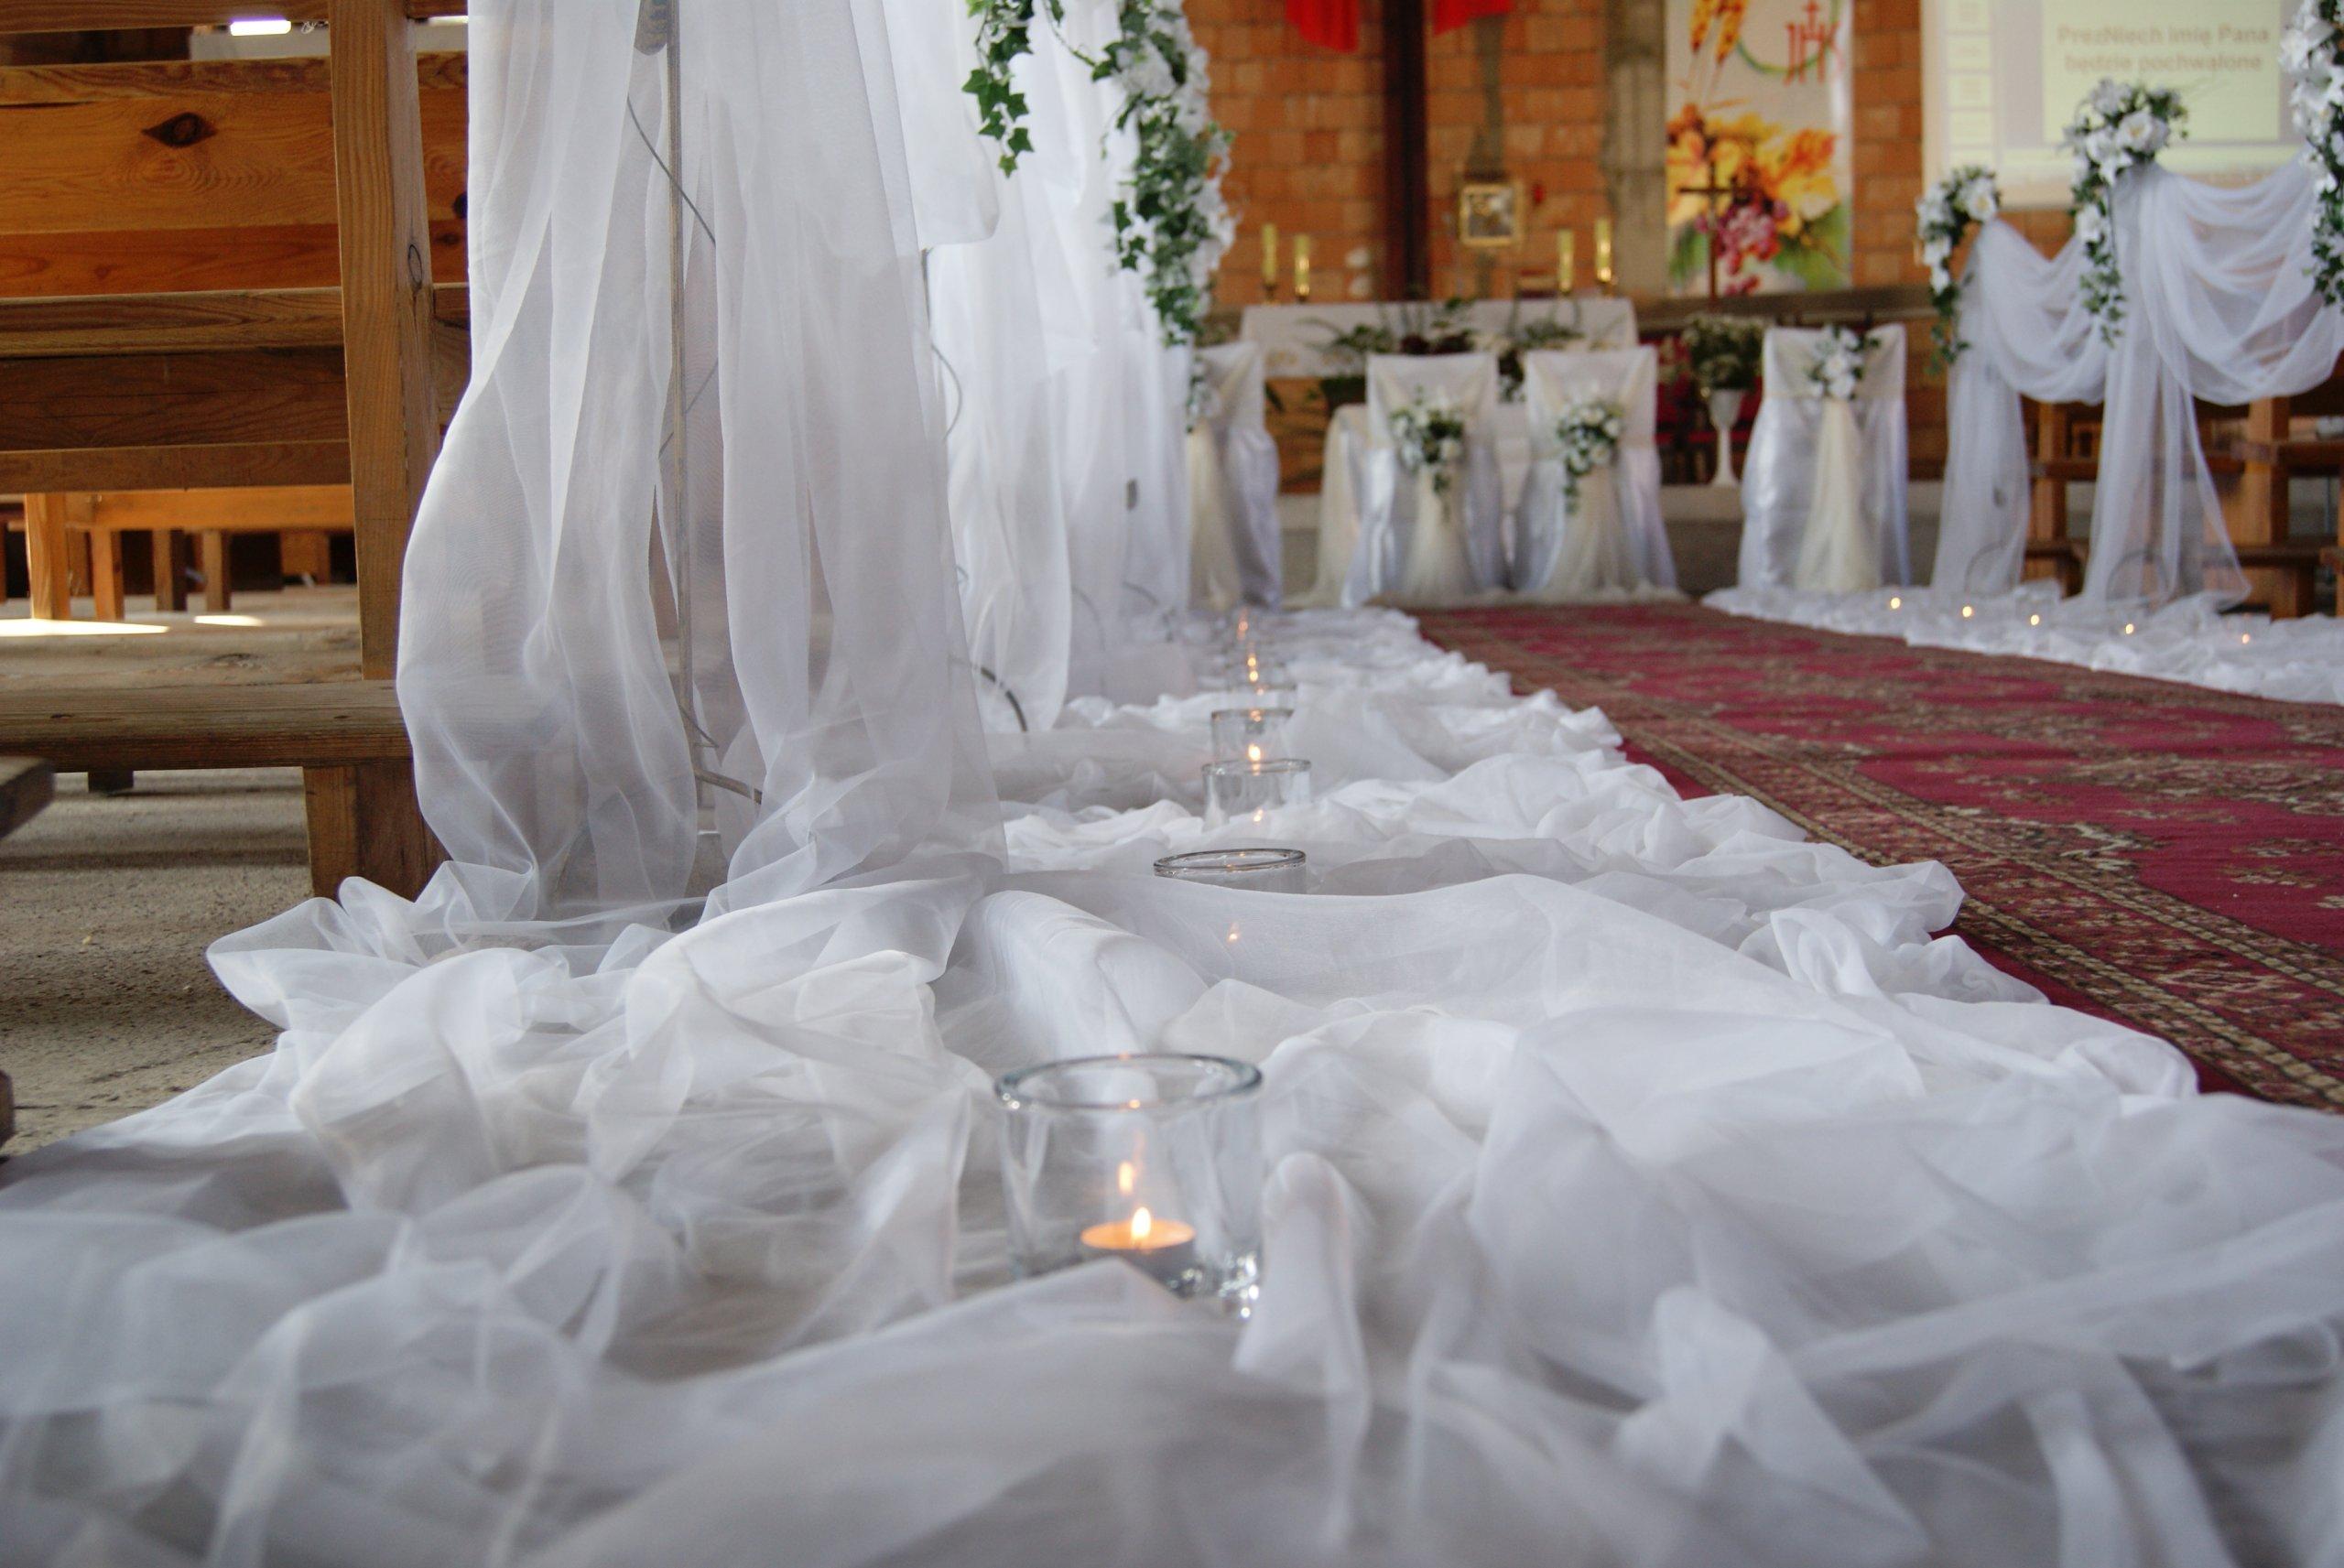 Tiul Dekoracja W Kościele ślub Wesele 10 M 7405637559